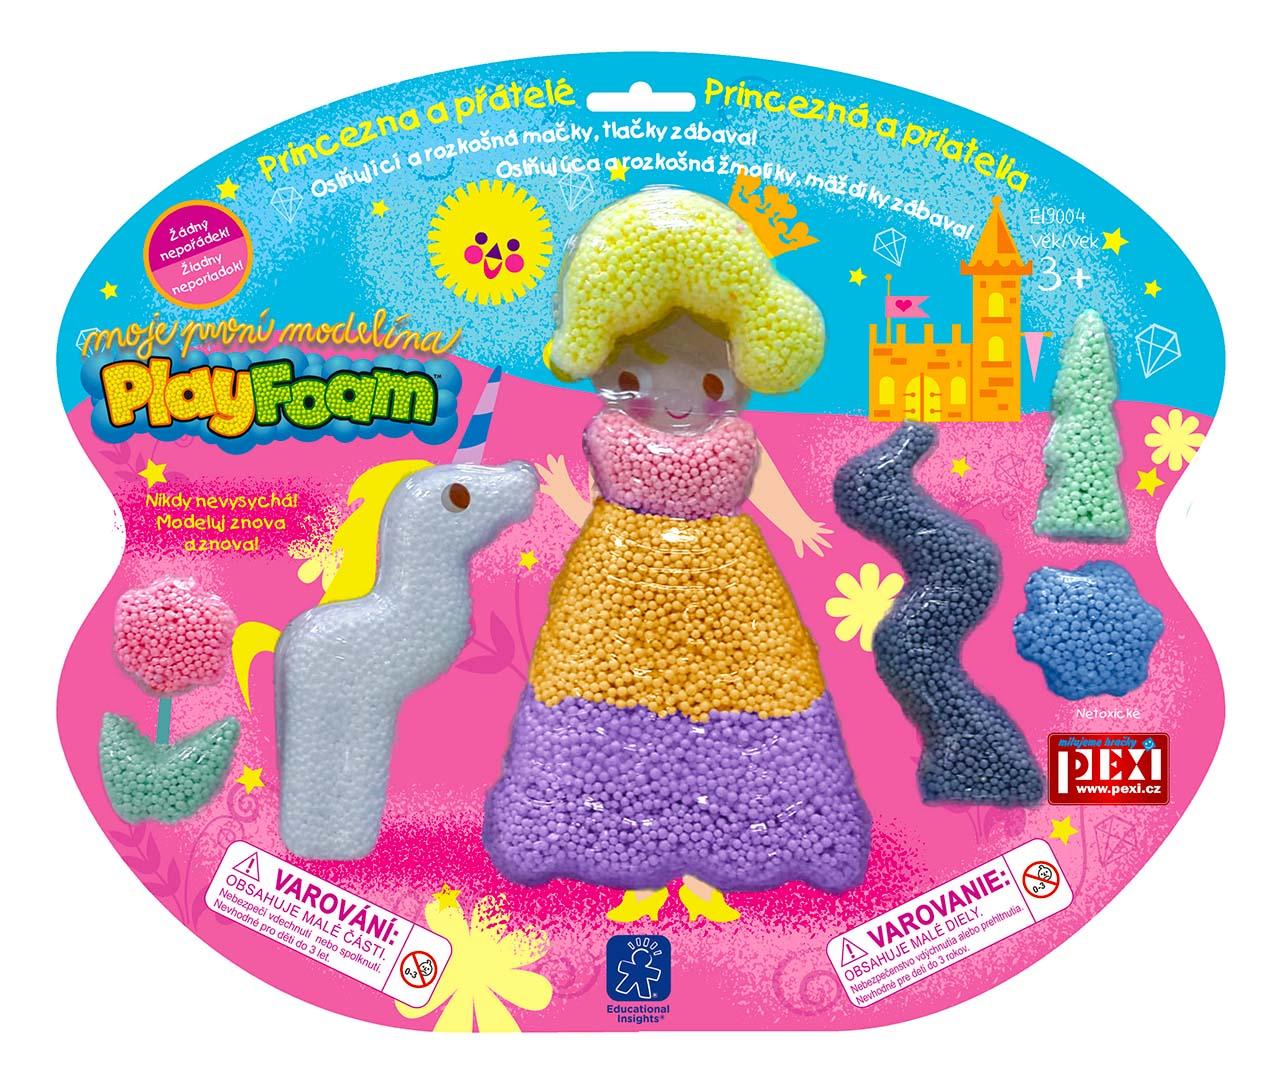 PlayFoam - Princezna a přátelé